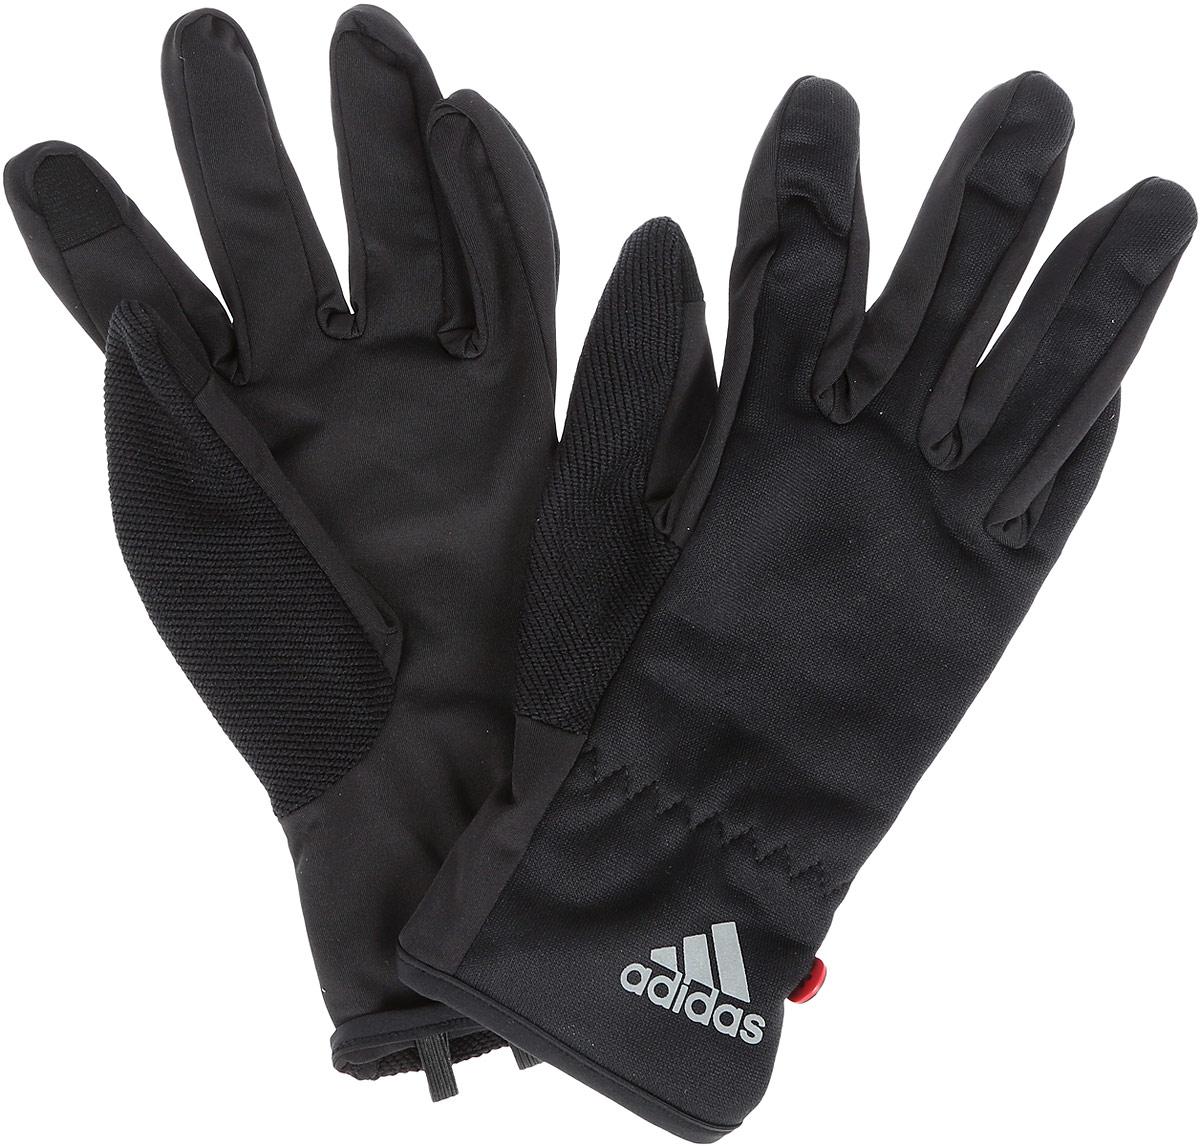 Перчатки для бега adidas Run Clmlt Glove, цвет: черный. S94173. Размер S (18)